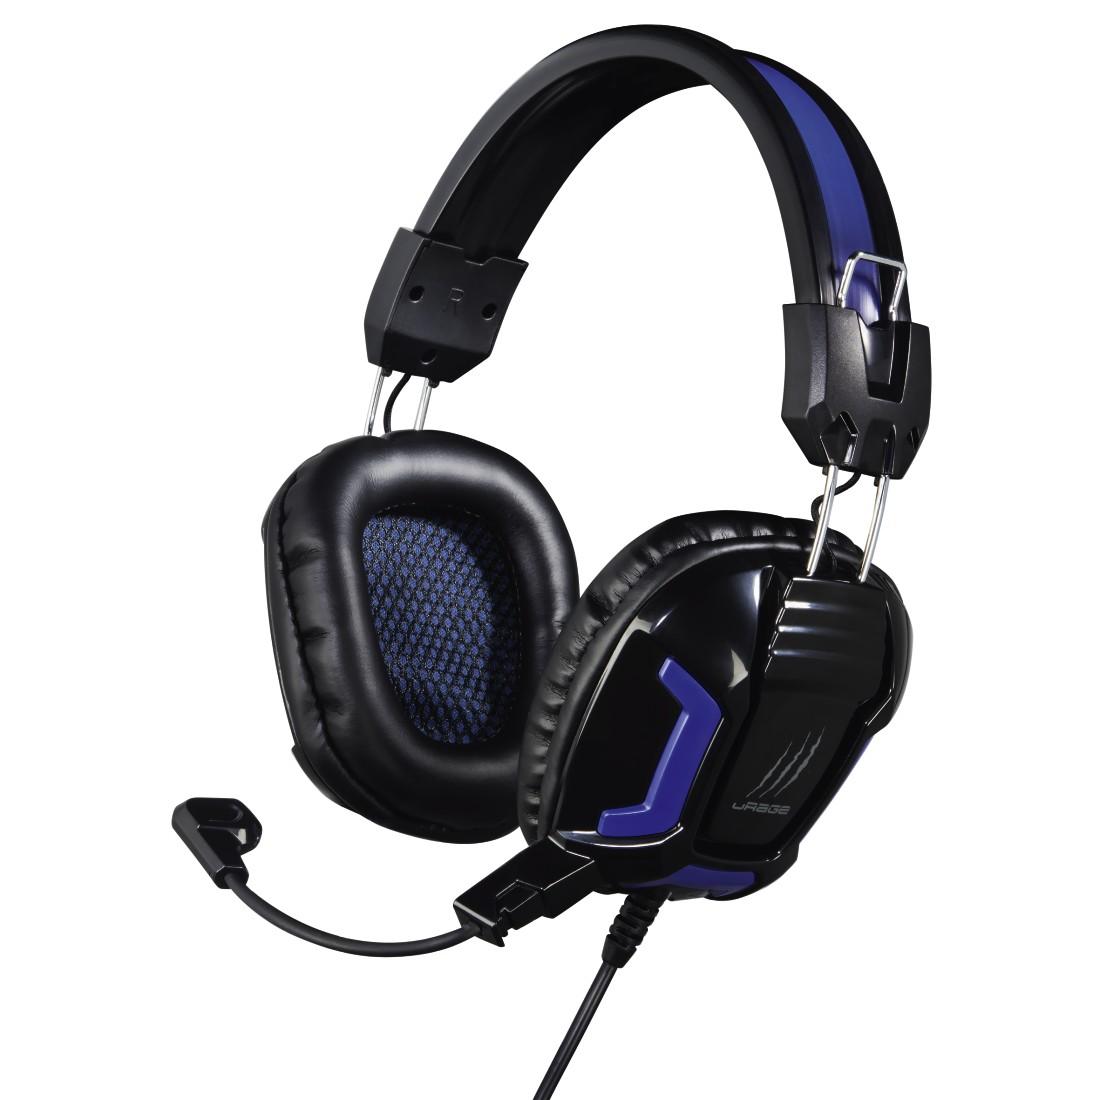 Headset HAMA uRage SoundZ Essential Headset, herní, drátový, jack 3.5mm, černo-modrý 113744